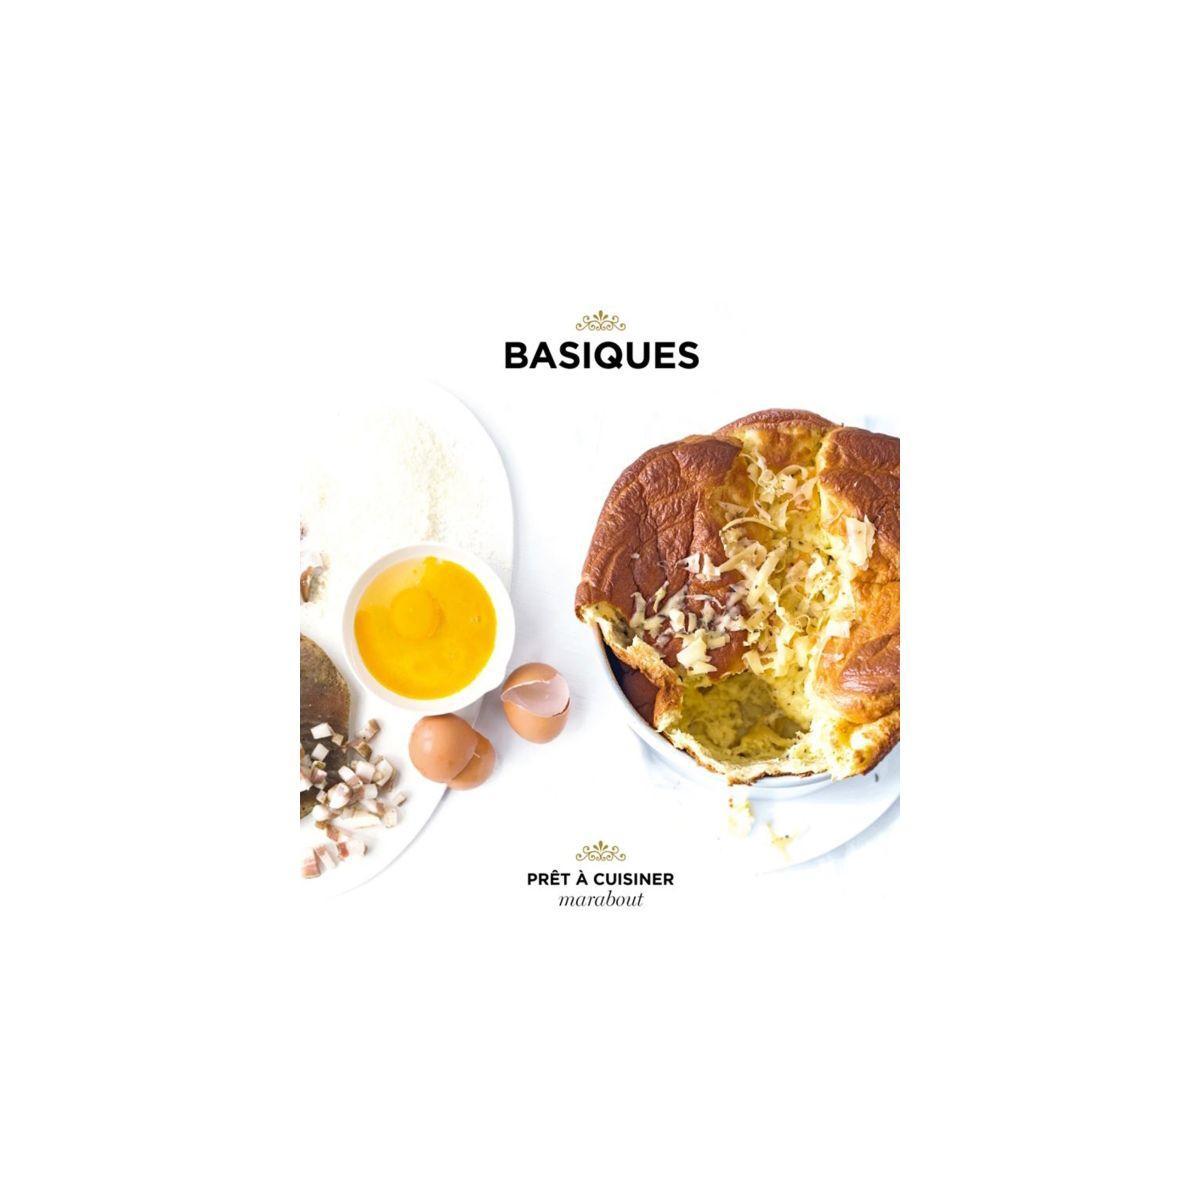 Livre marabout basiques prets a cuisiner - la sélection webdistrib.com (photo)